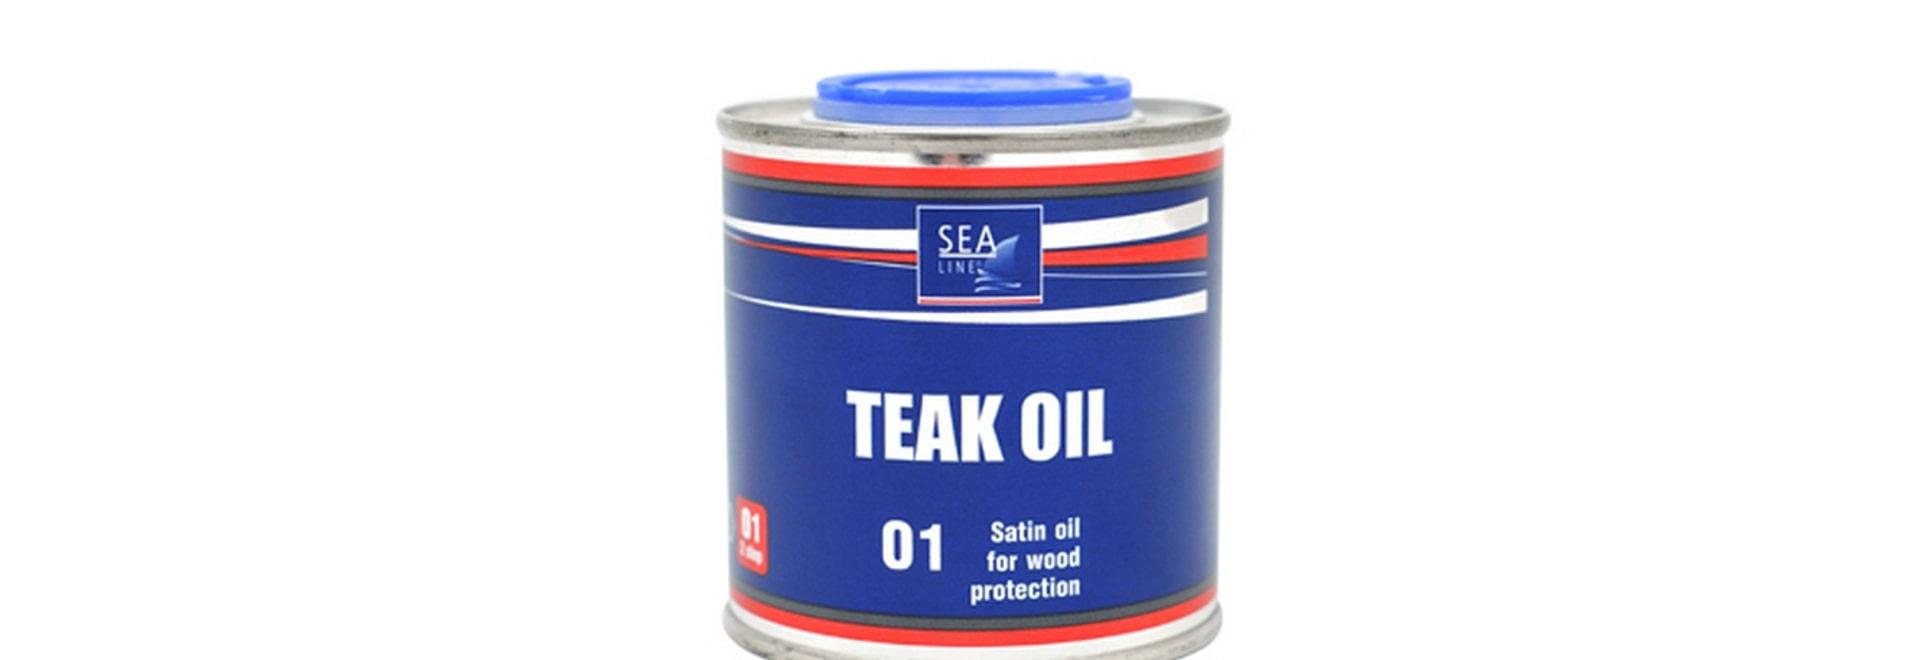 NEW 2017 - TEAK OIL SEA-LINE